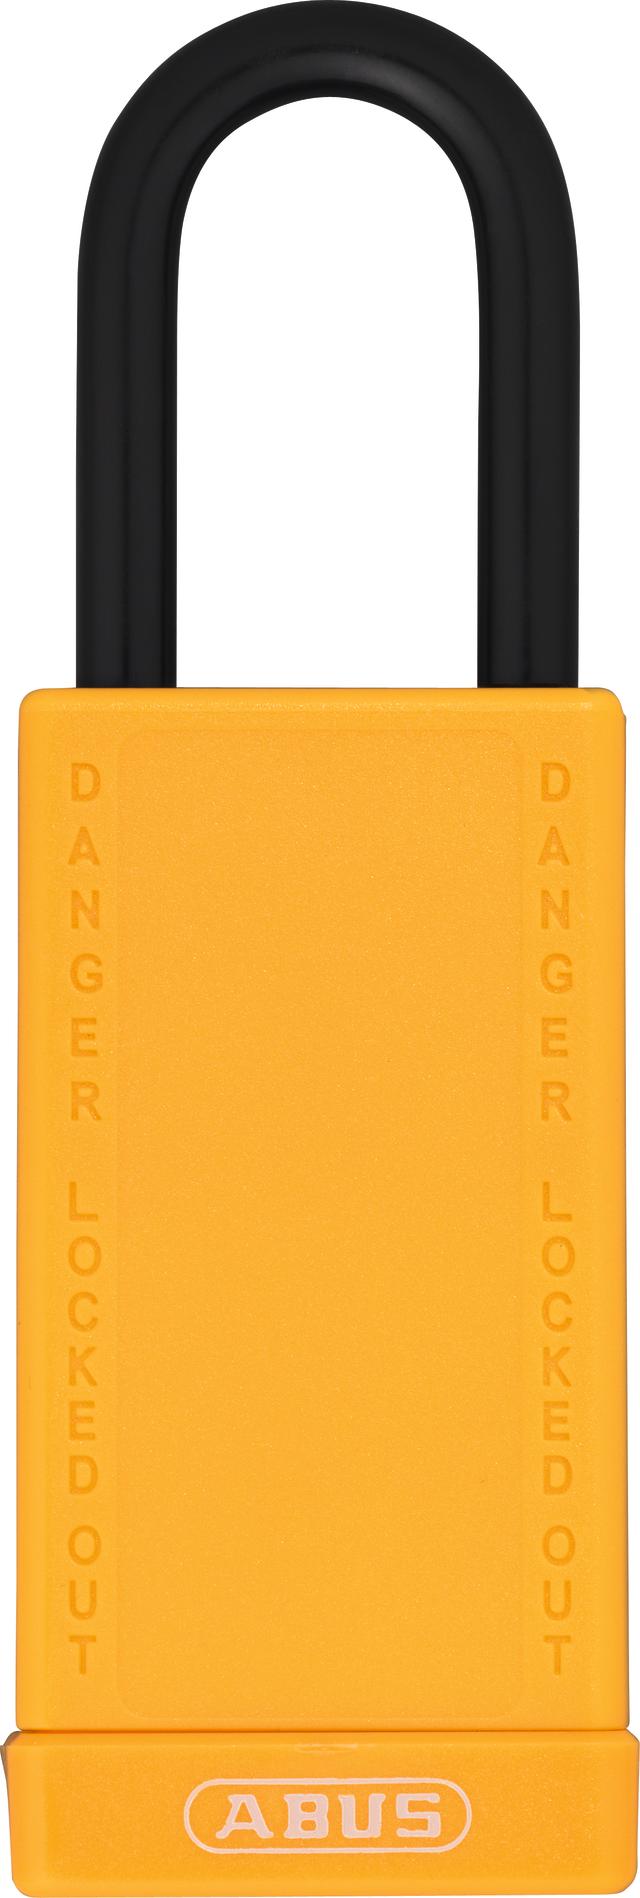 Vorhangschloss Aluminium 74LB/40 gelb